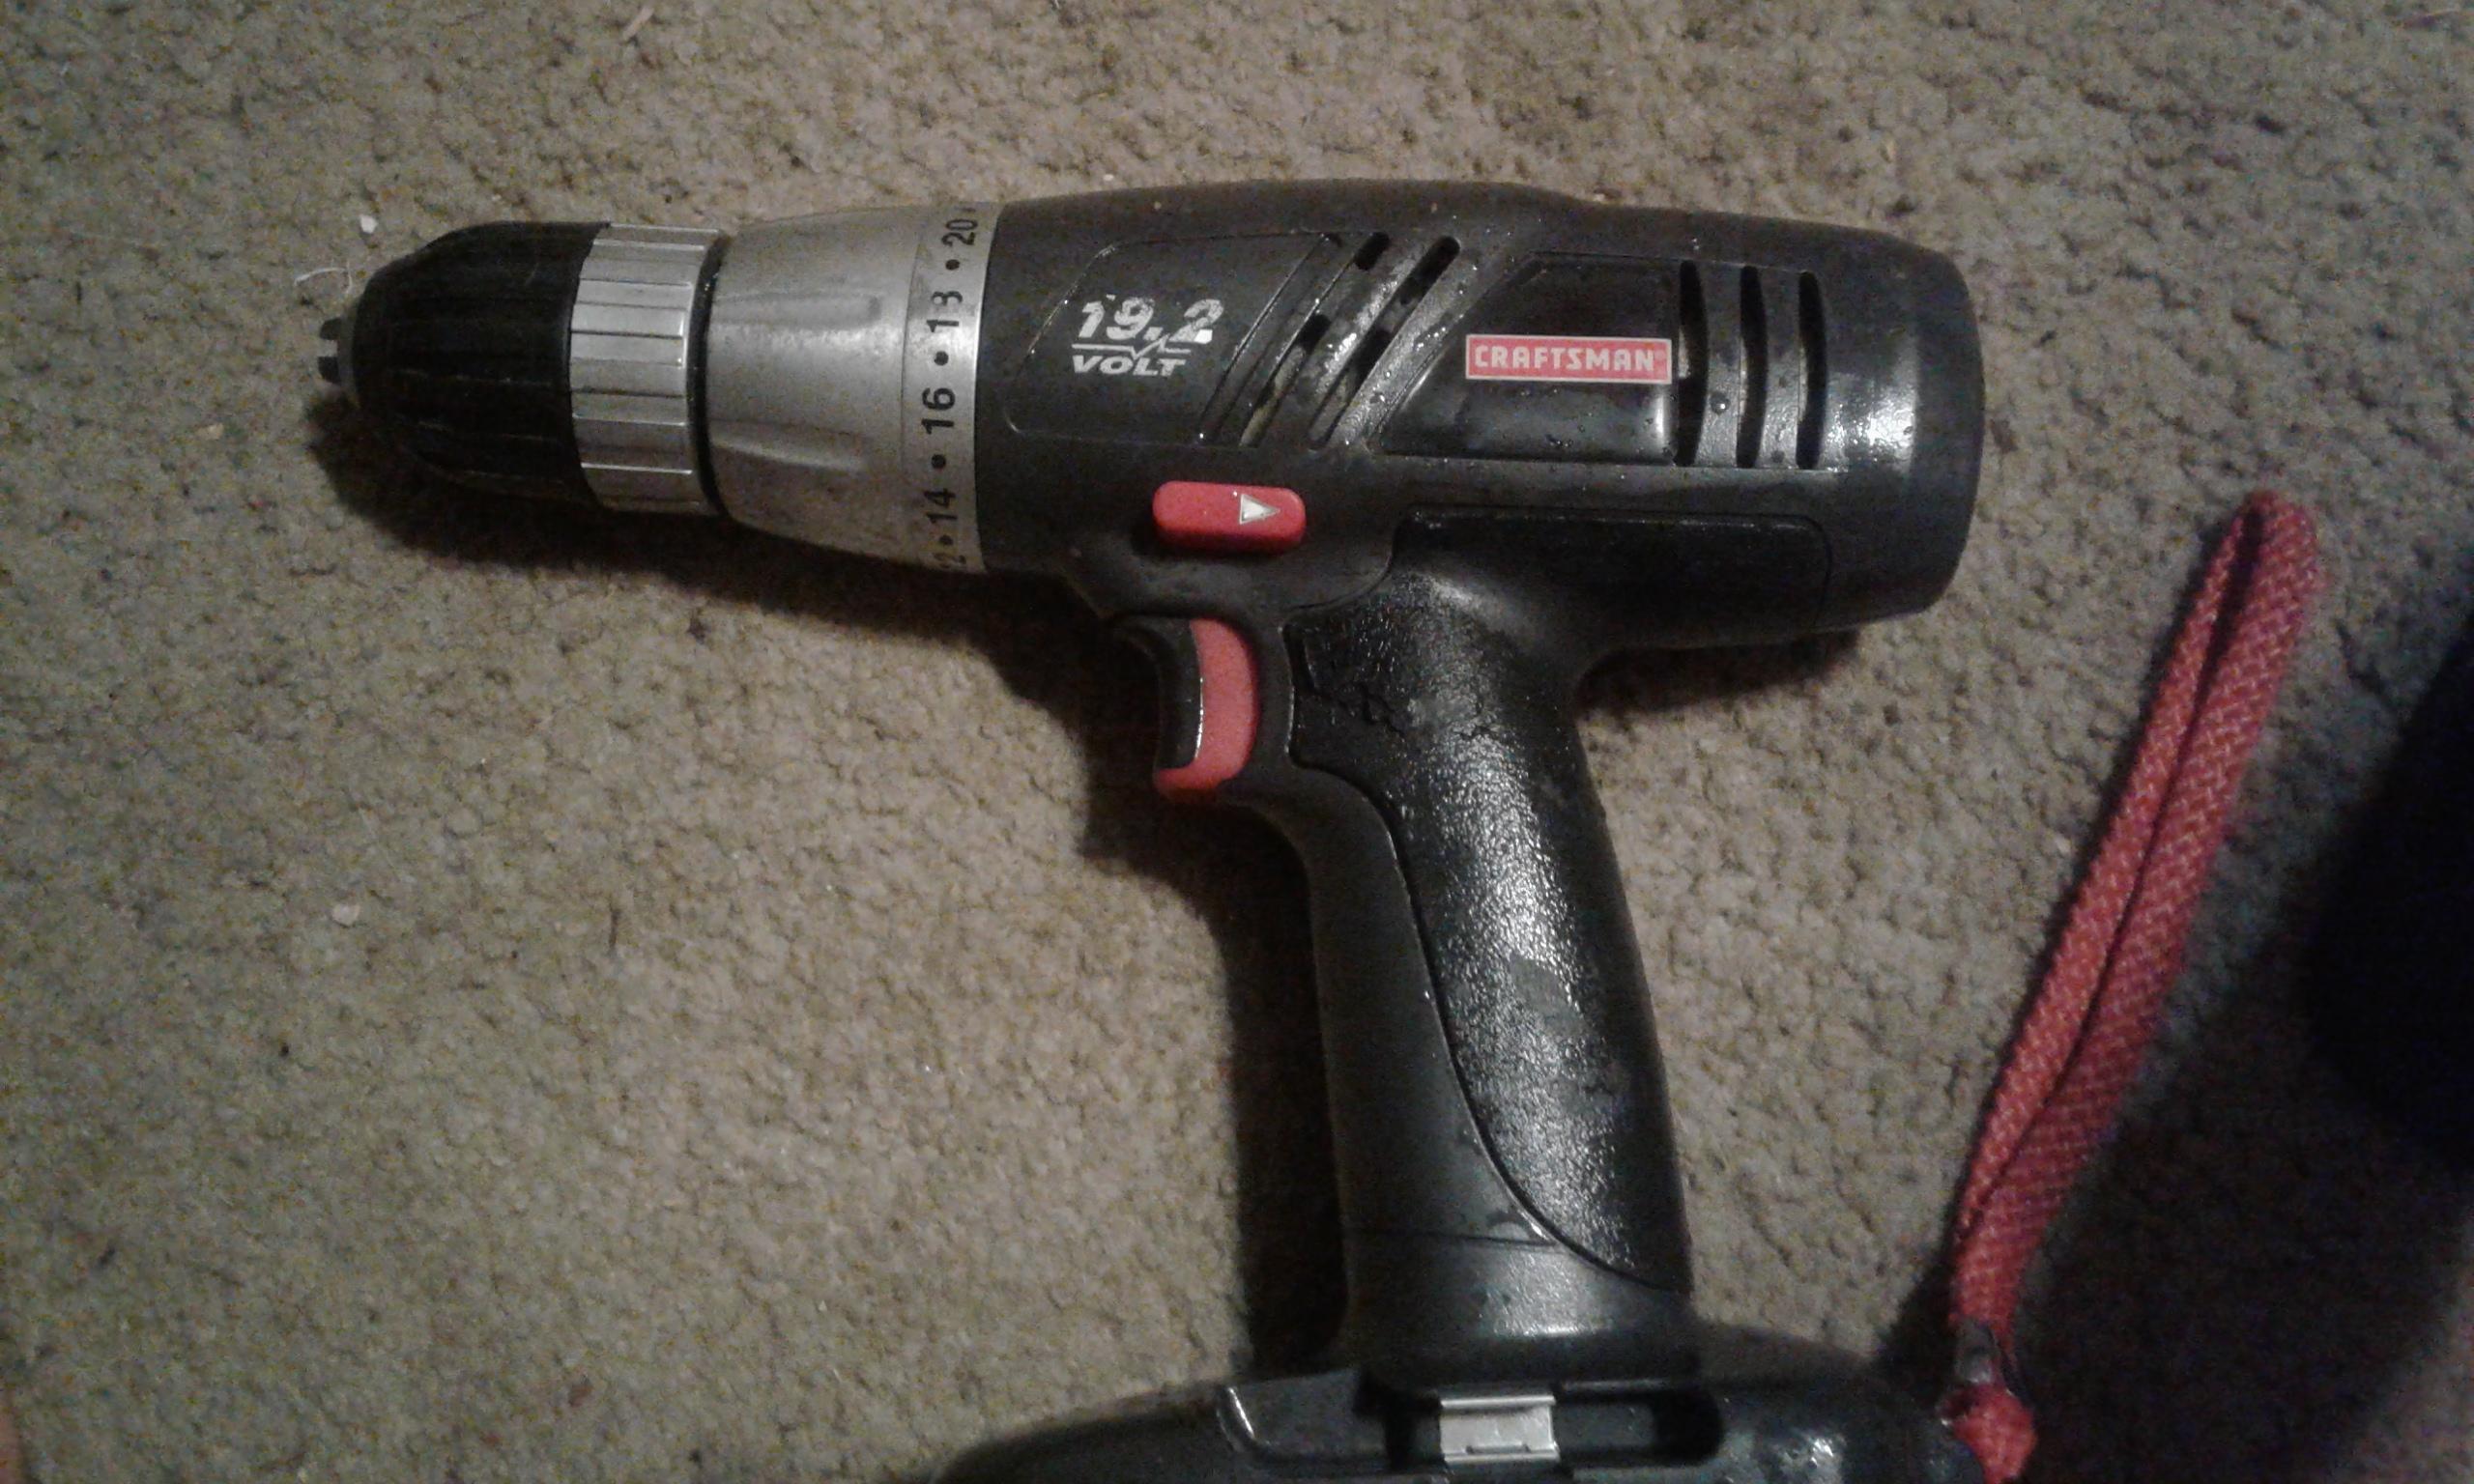 2 Craftsman drill 19.2 volt. No battery